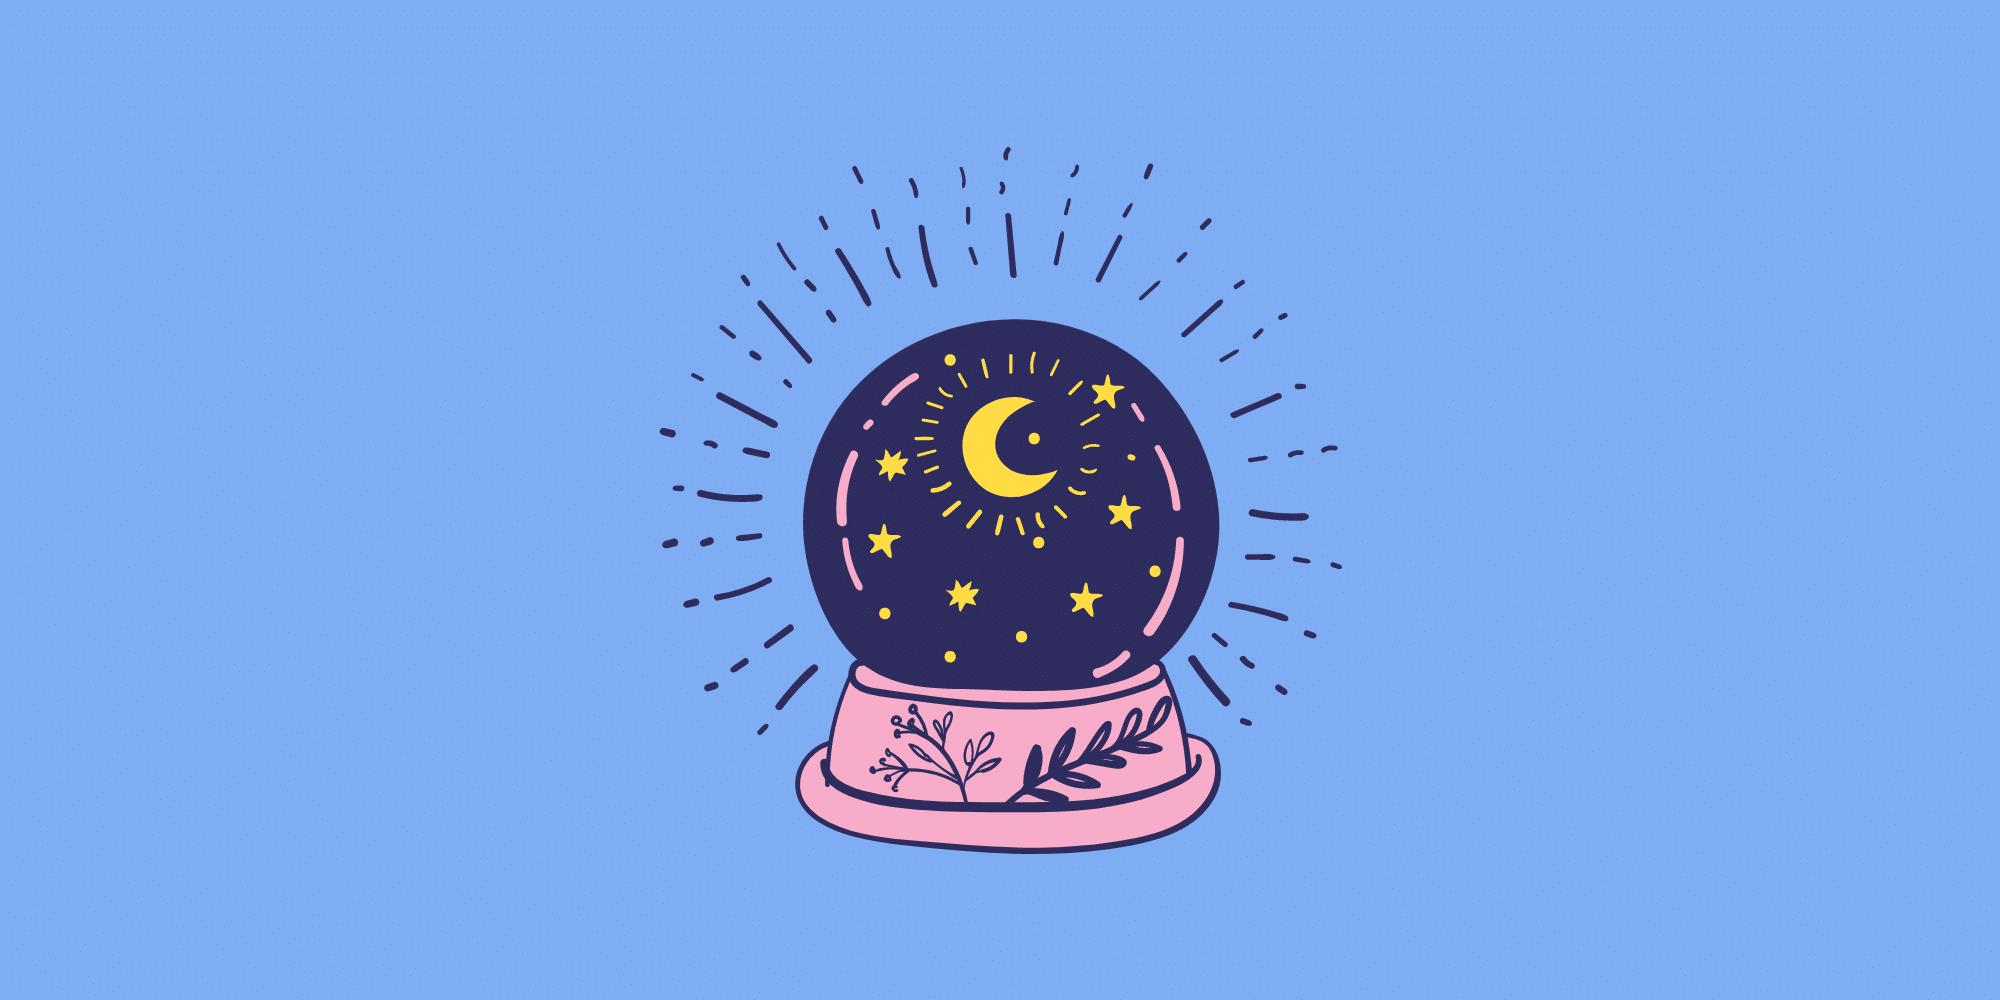 zodiac-gifts